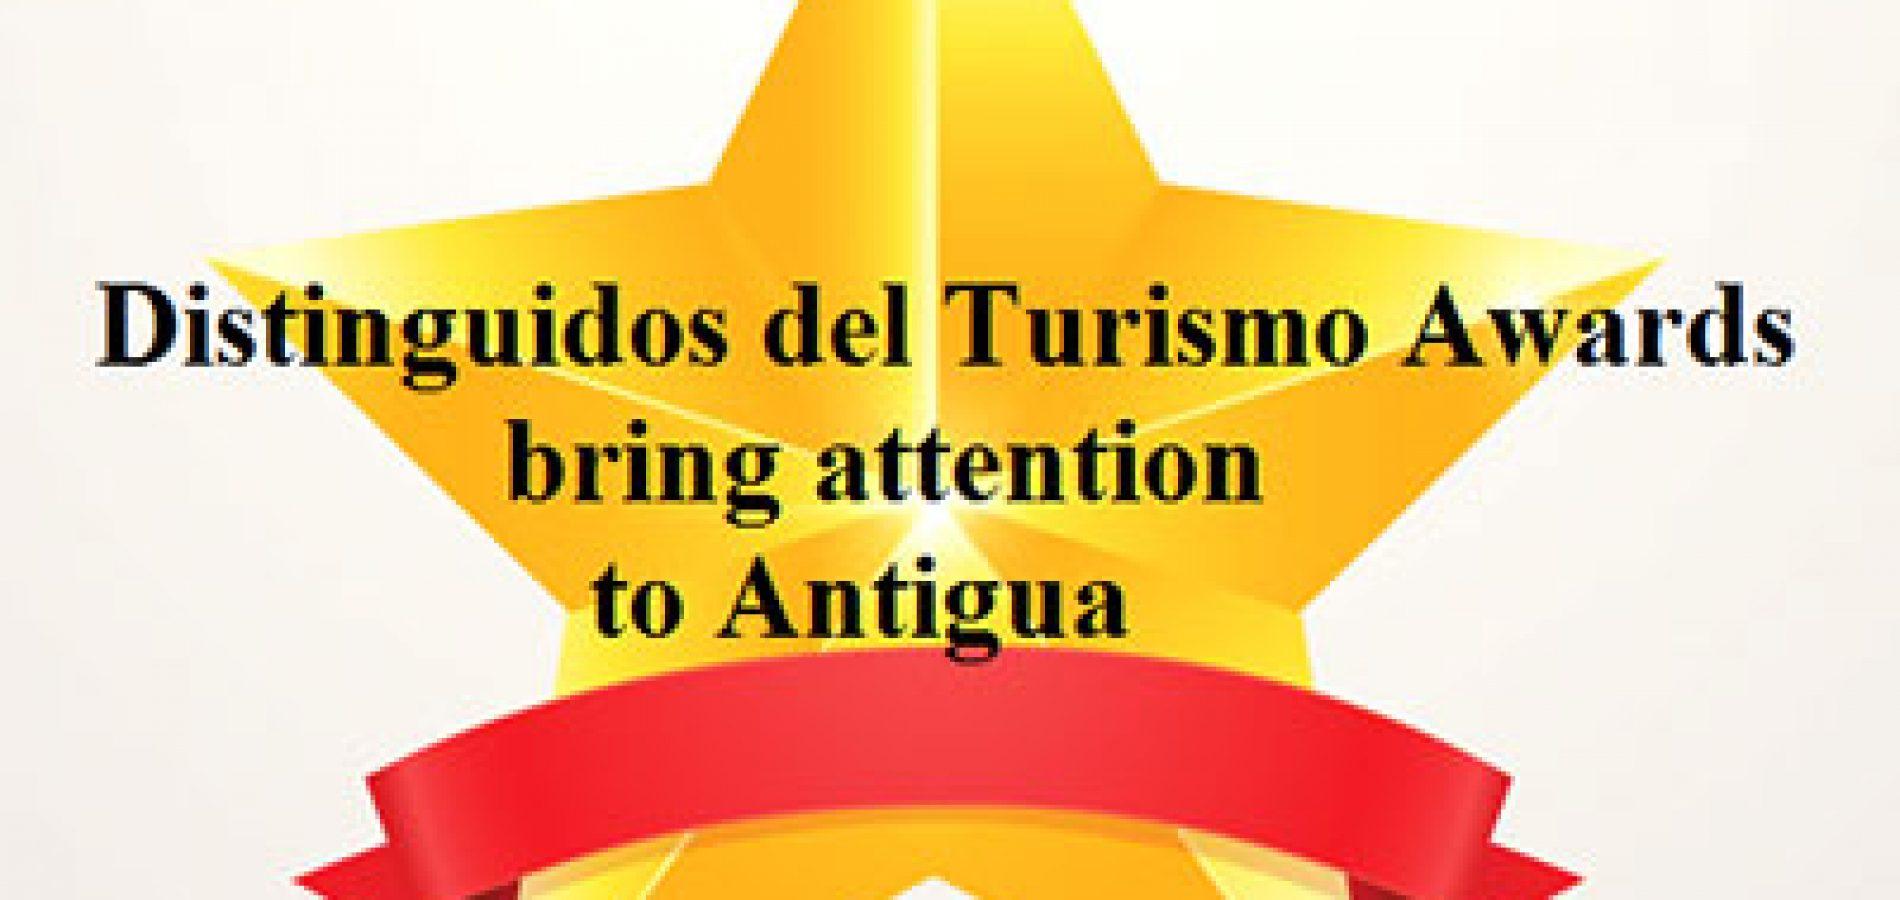 """""""Distinguidos del Turismo"""" Awards bring attention to Antigua"""